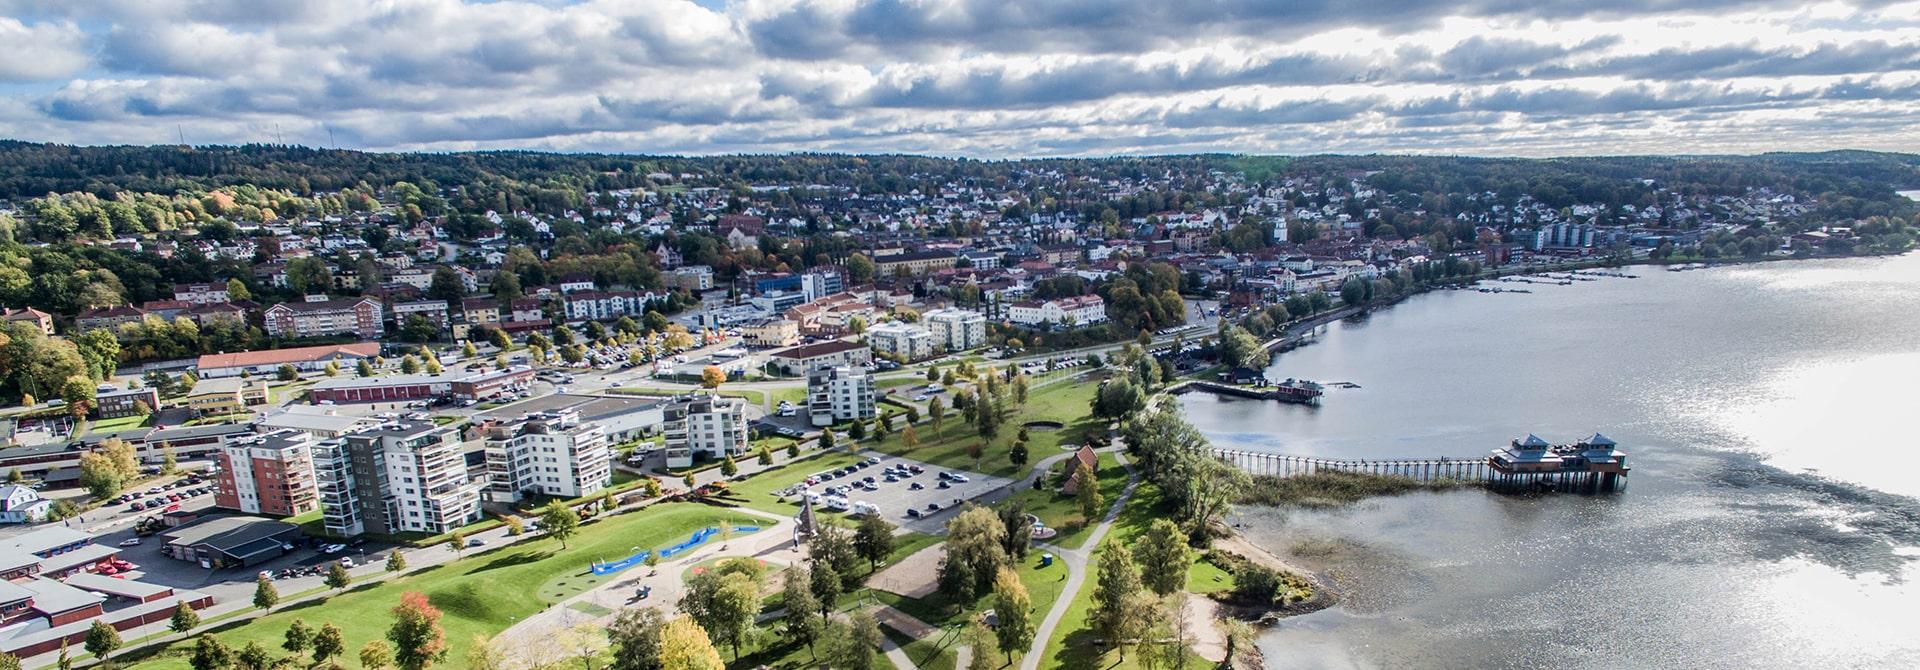 Utsiktsvy över Ulricehamn